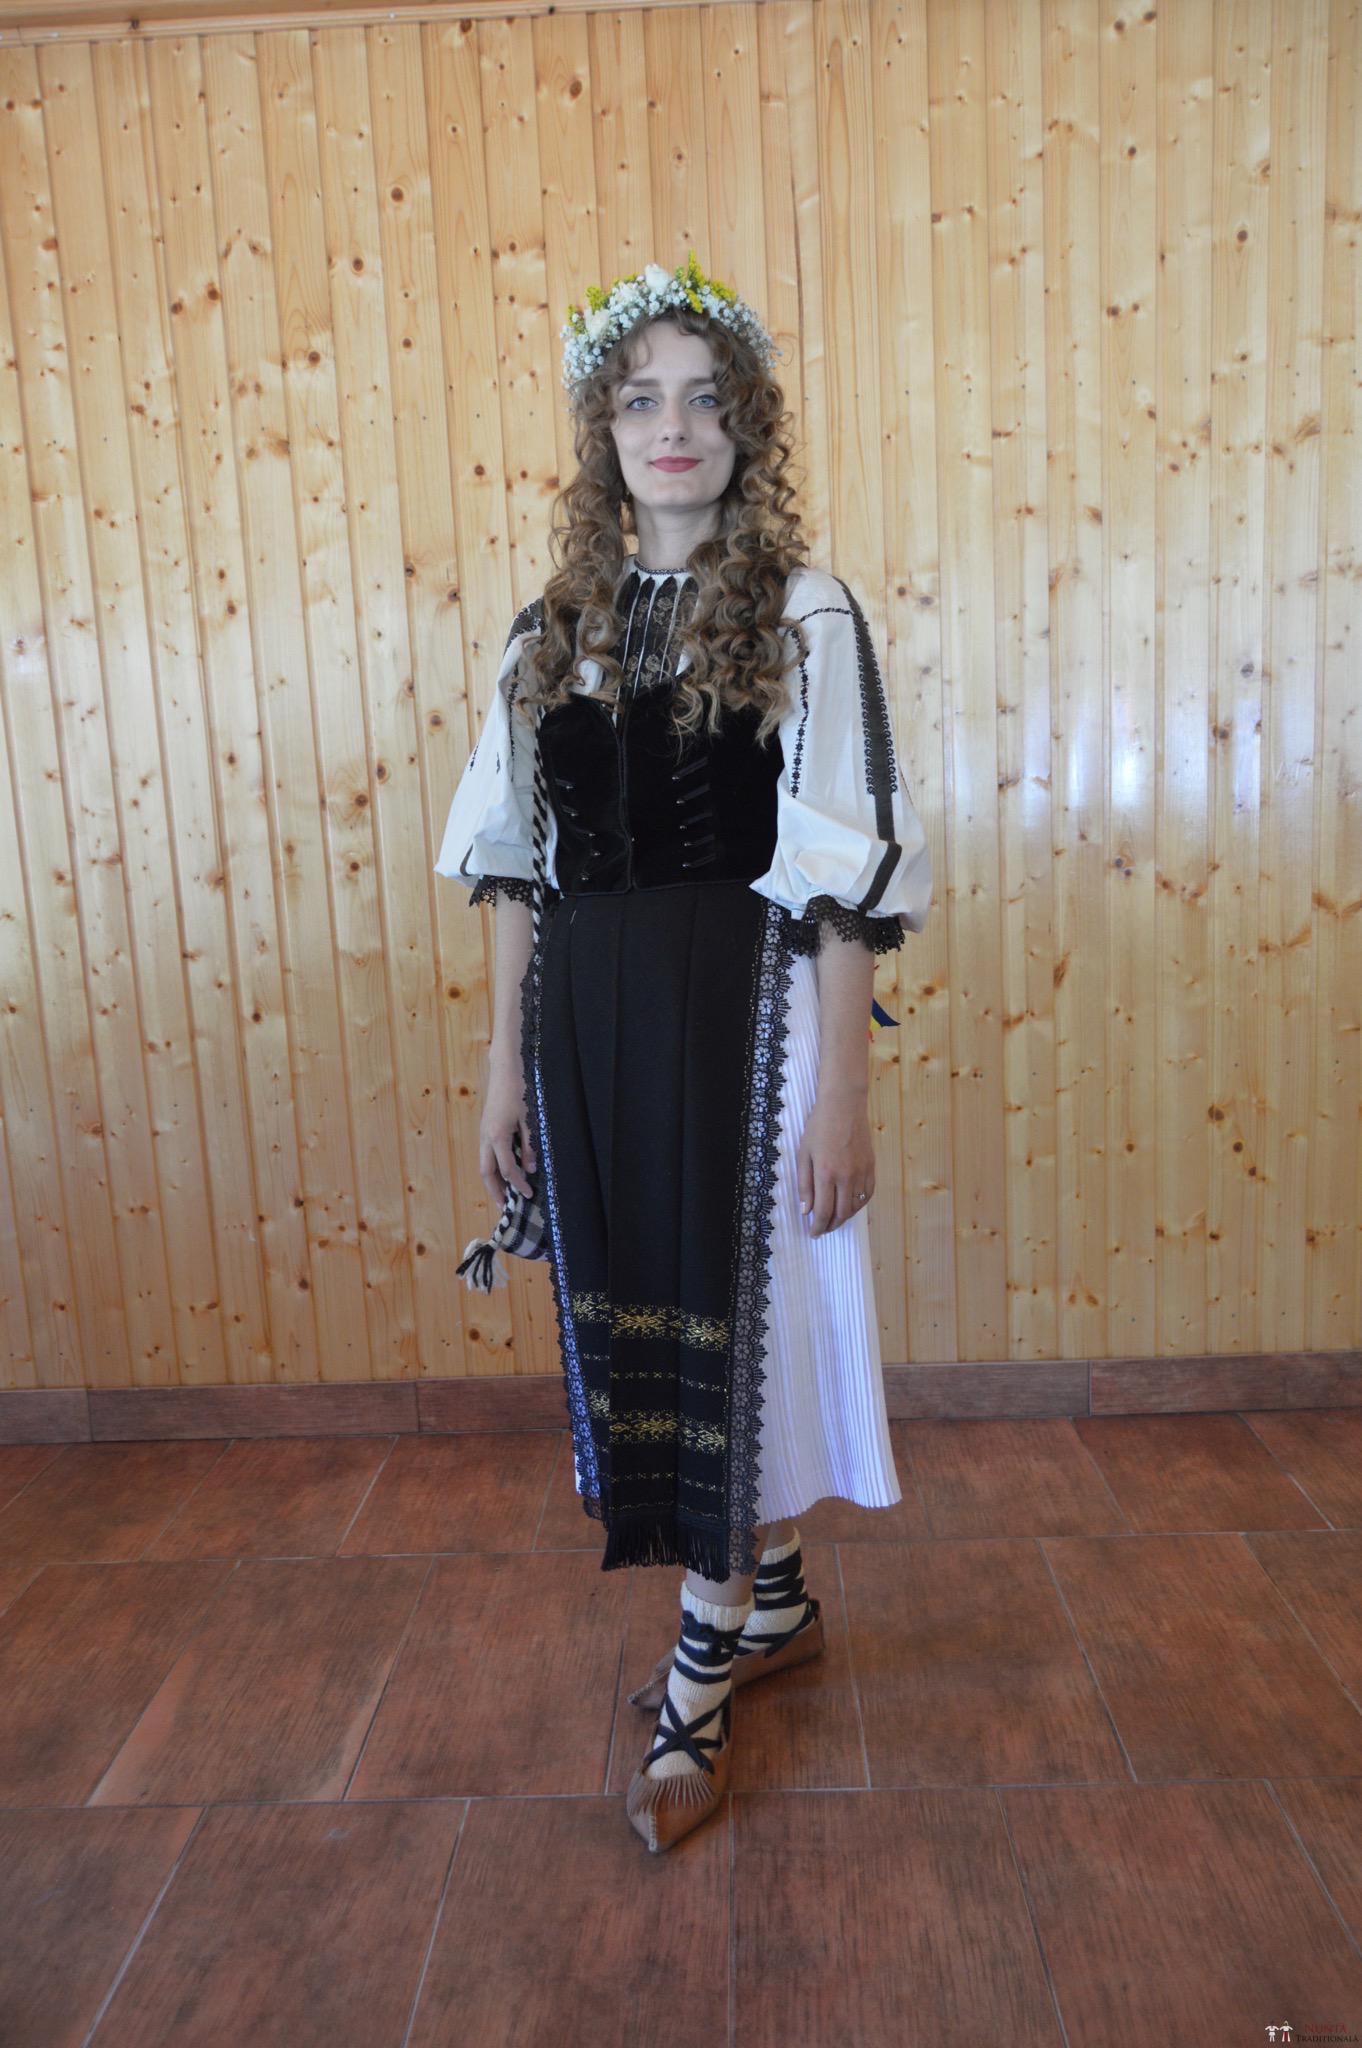 Povești Nunți Tradiționale - Constantin și Simona-Marilena. Nuntă tradițională în Căpâlna, Alba 15